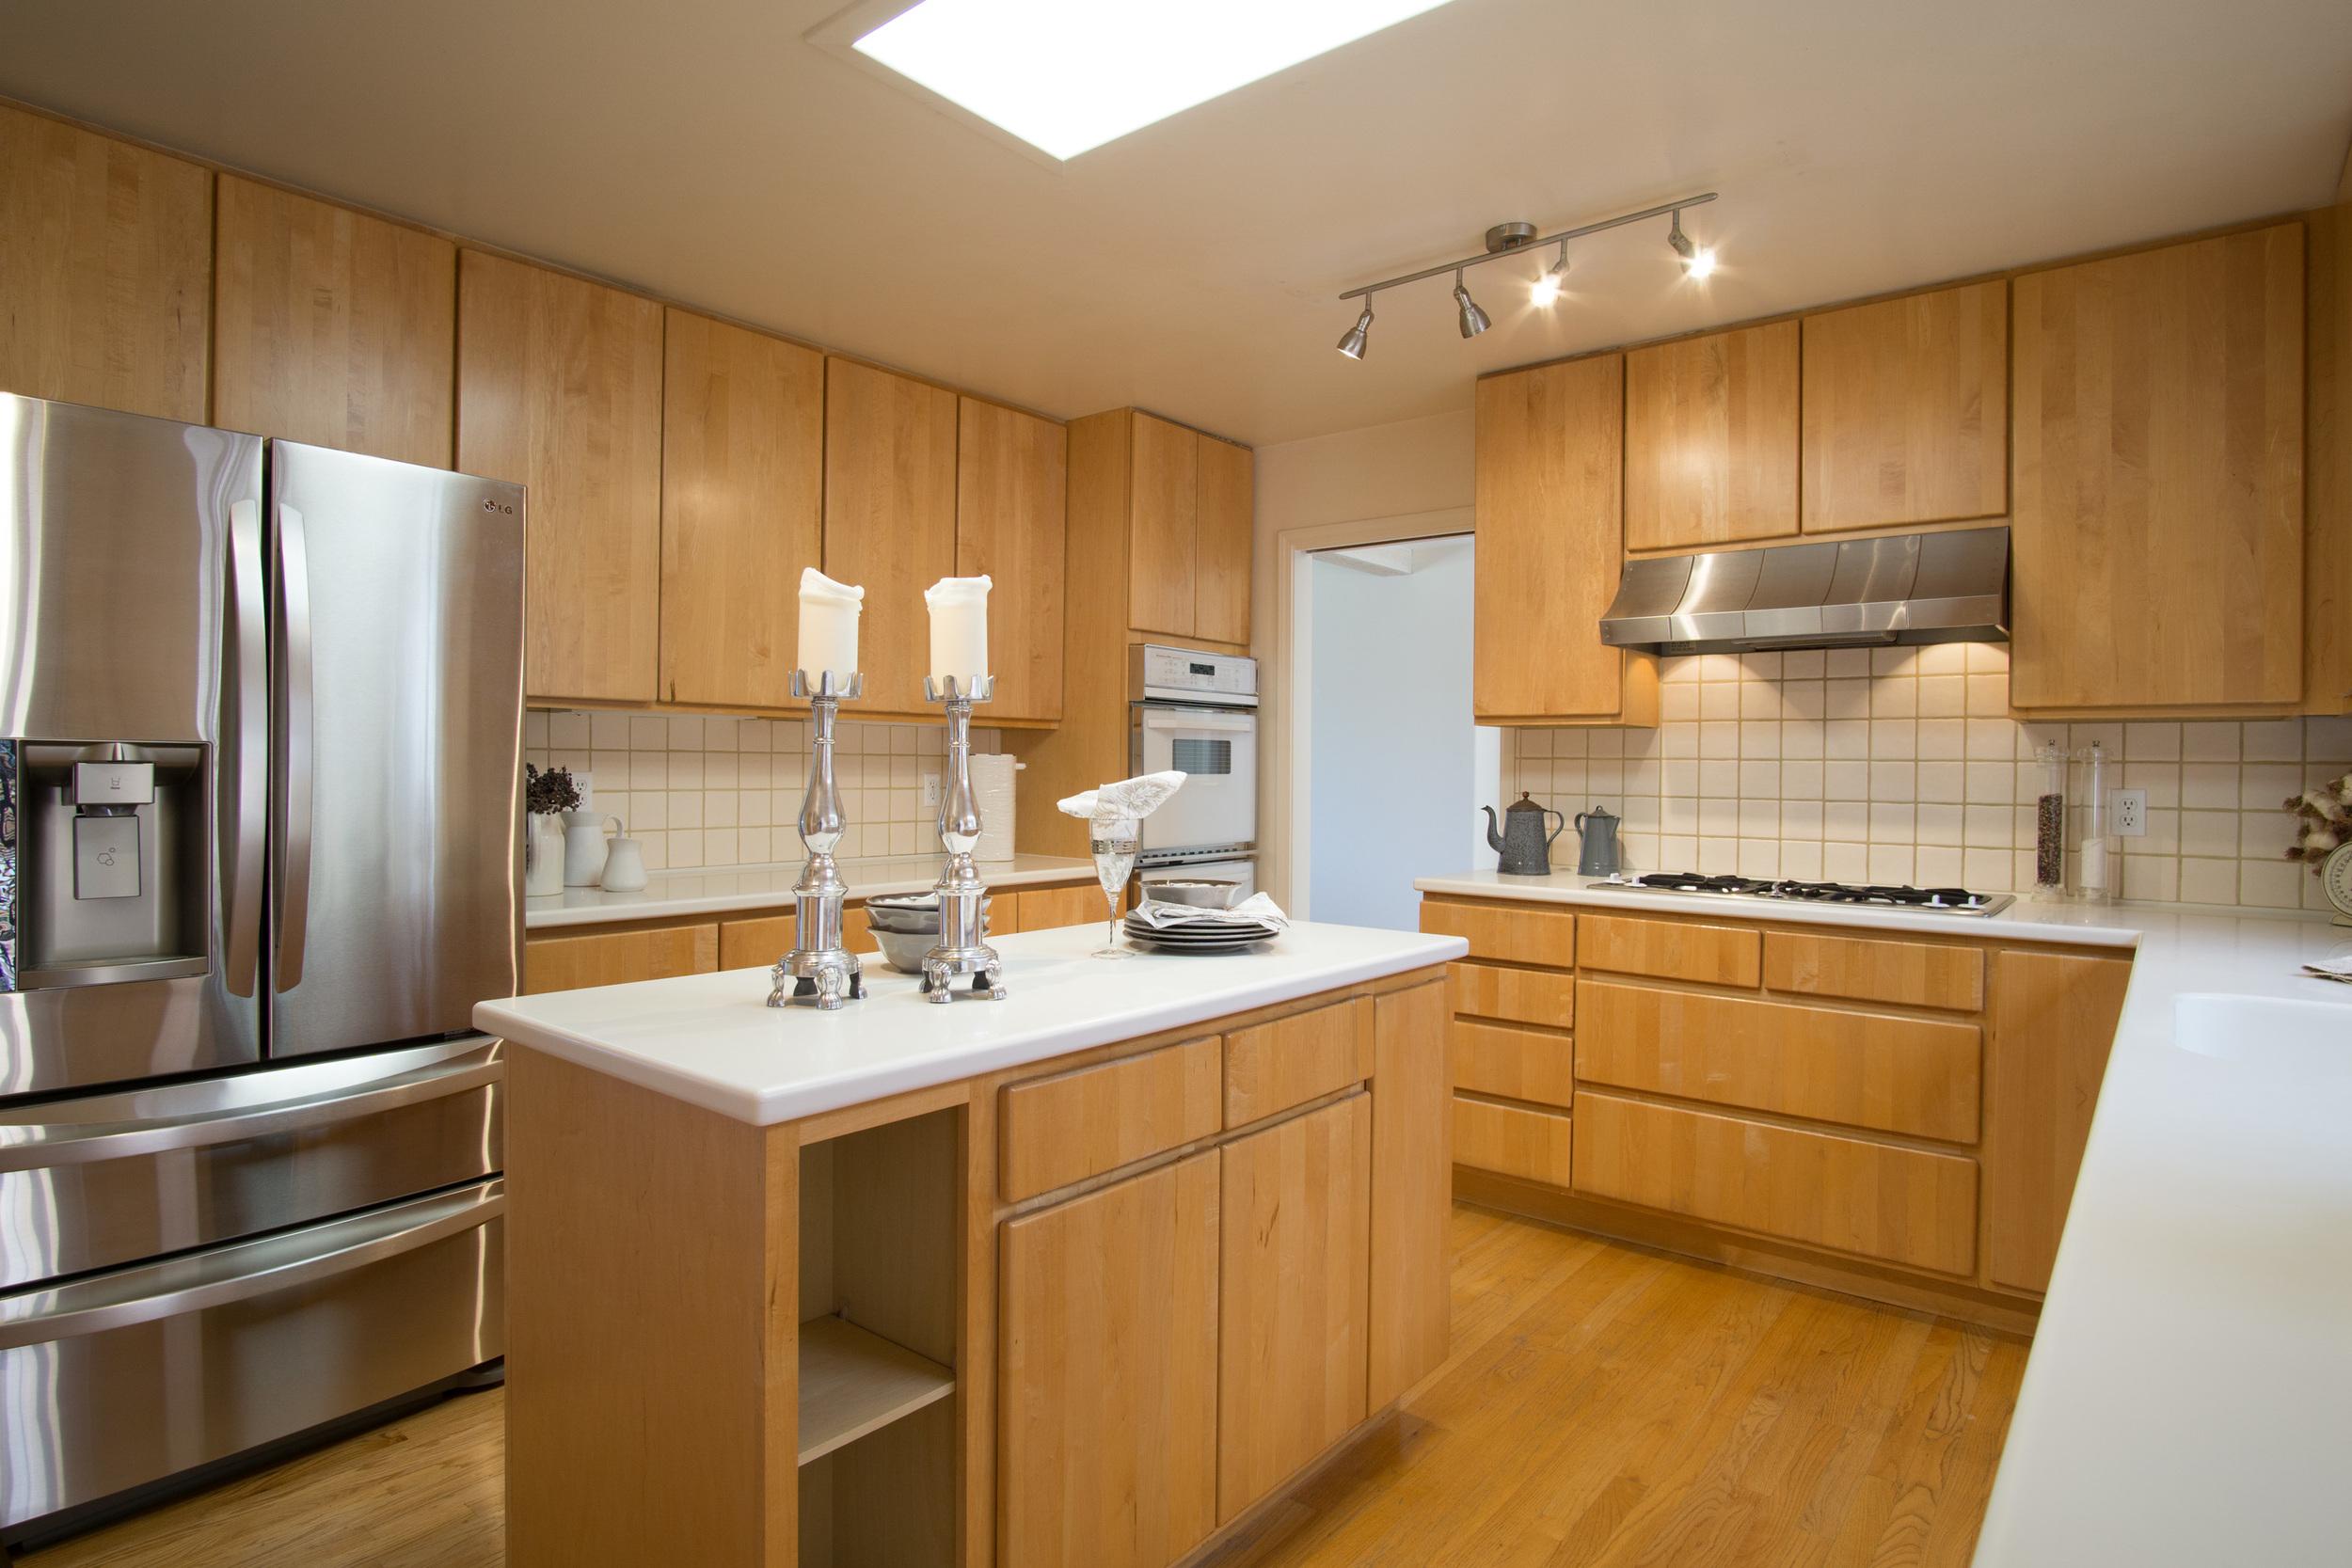 12 kitchen 1.jpg